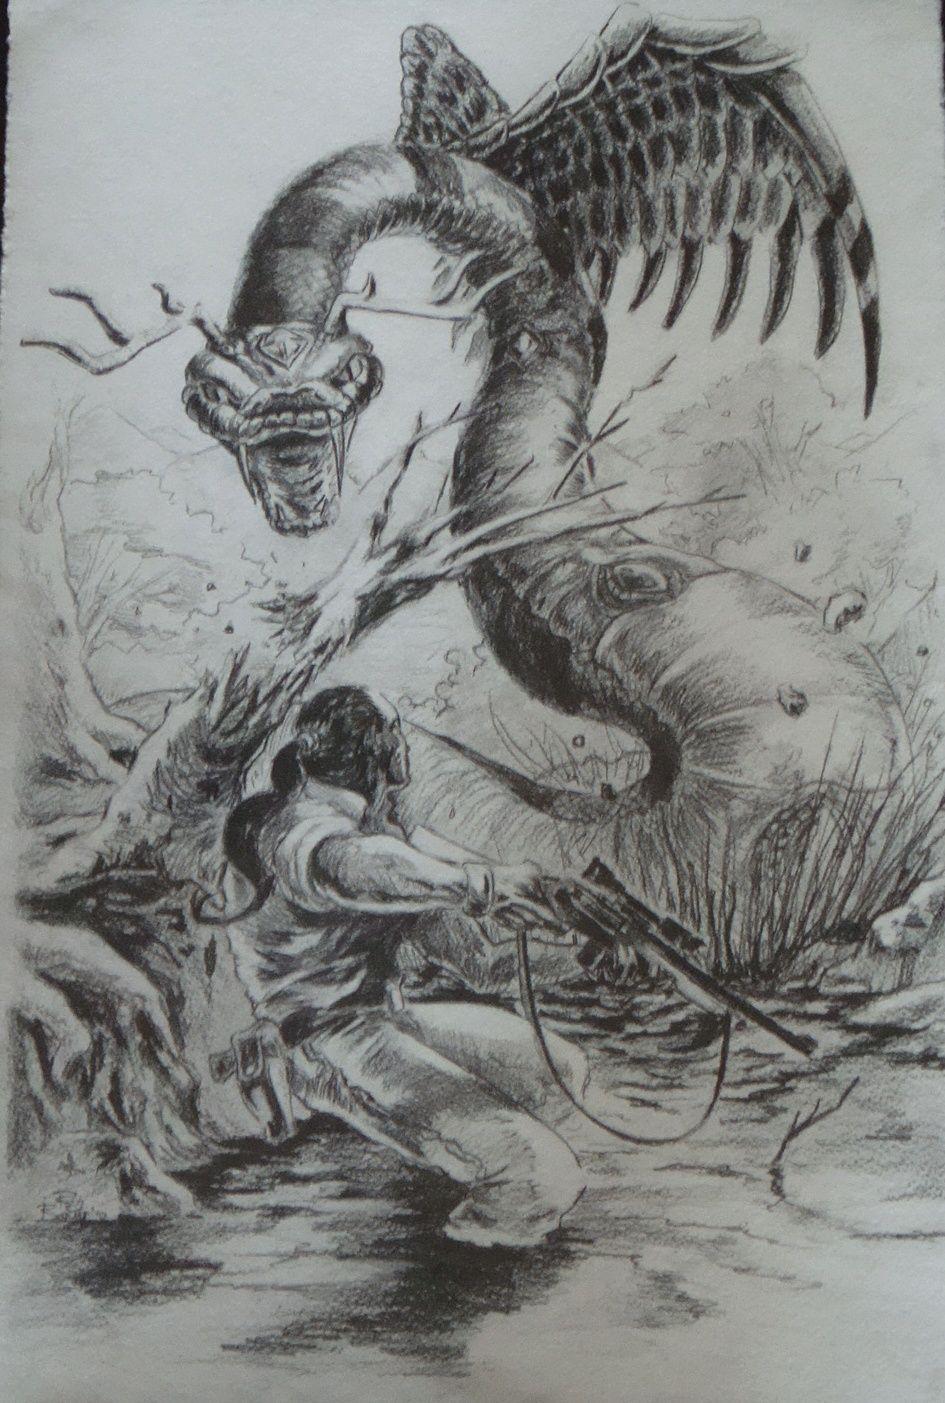 uktena native american - Google Search | Creature facts